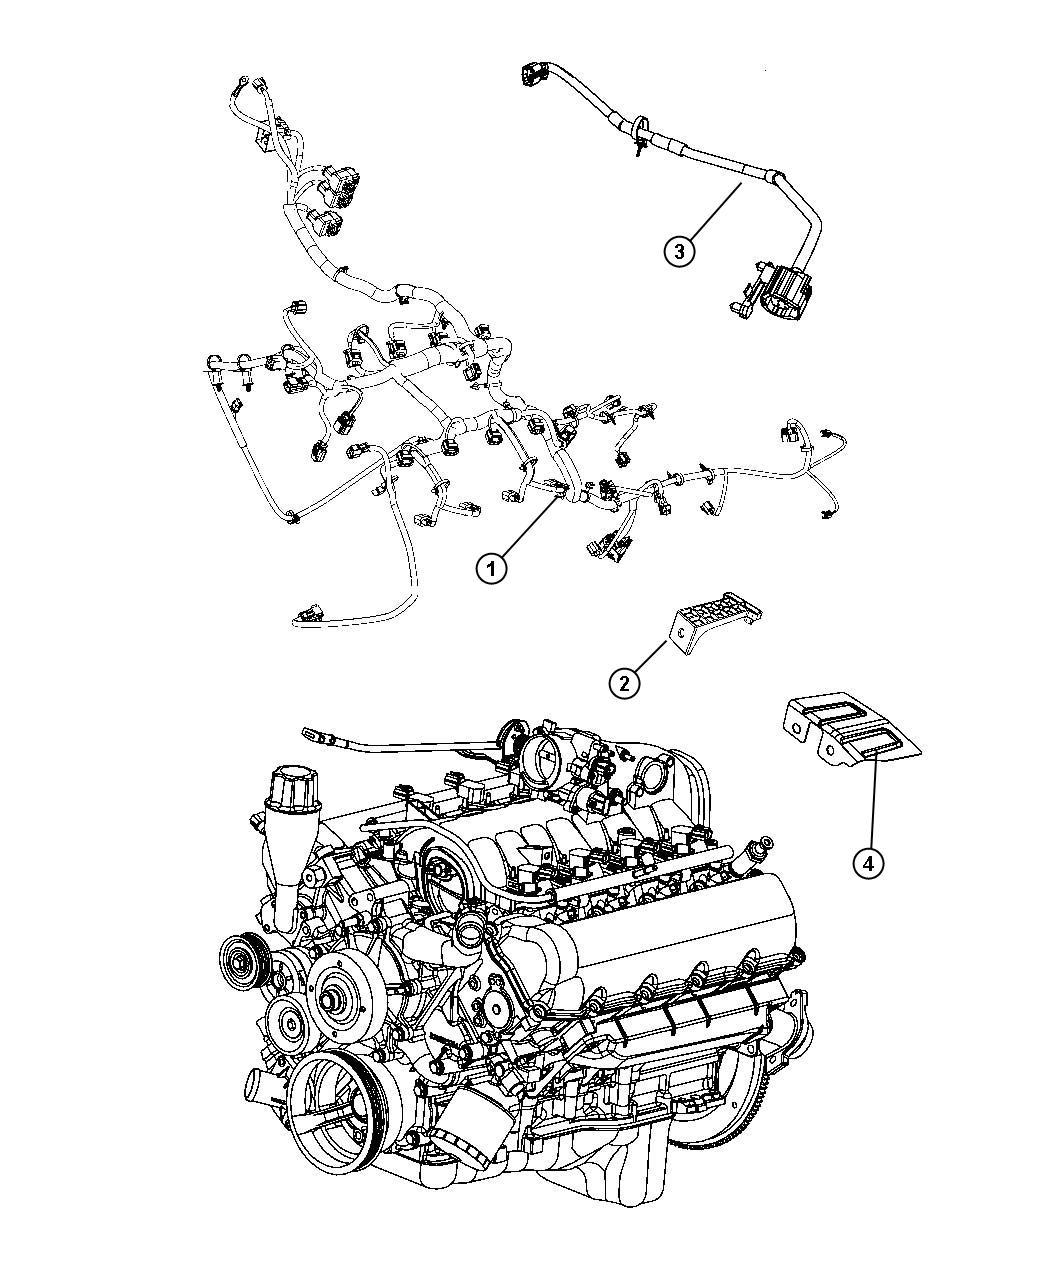 2011 Chrysler Sebring Bracket. Engine wiring. [all